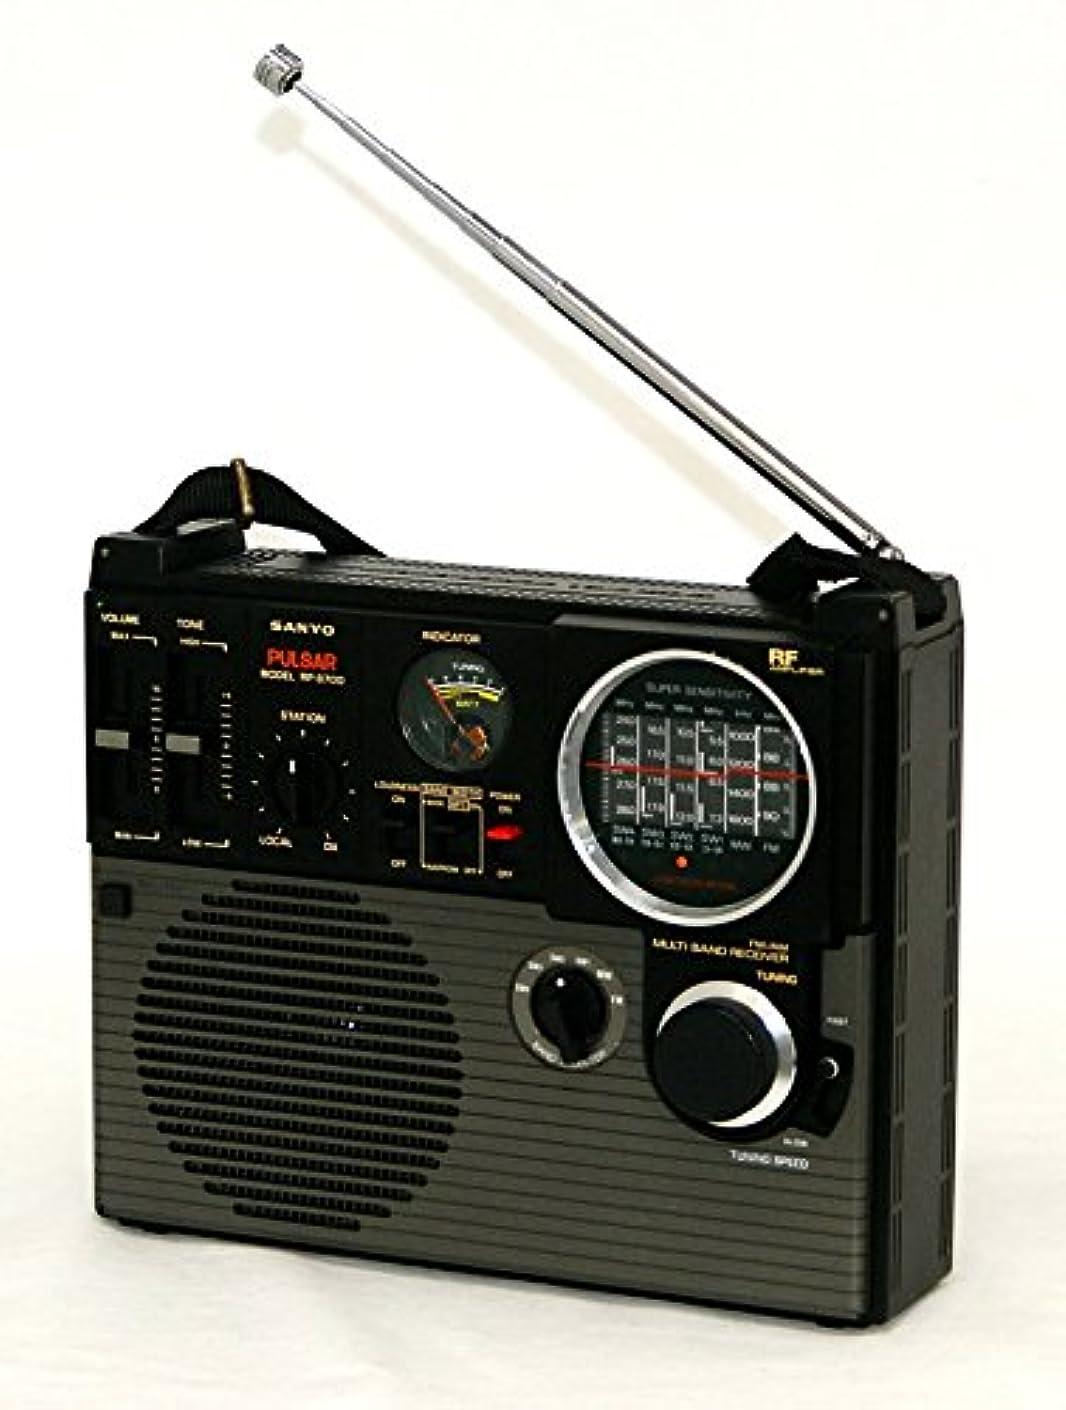 ハリケーンプレミアどこにもSANYO サンヨー 三洋 RP8700 パルサー FM/MW/SW1~4 (FM/中波/短波) 6バンド BCLラジオ